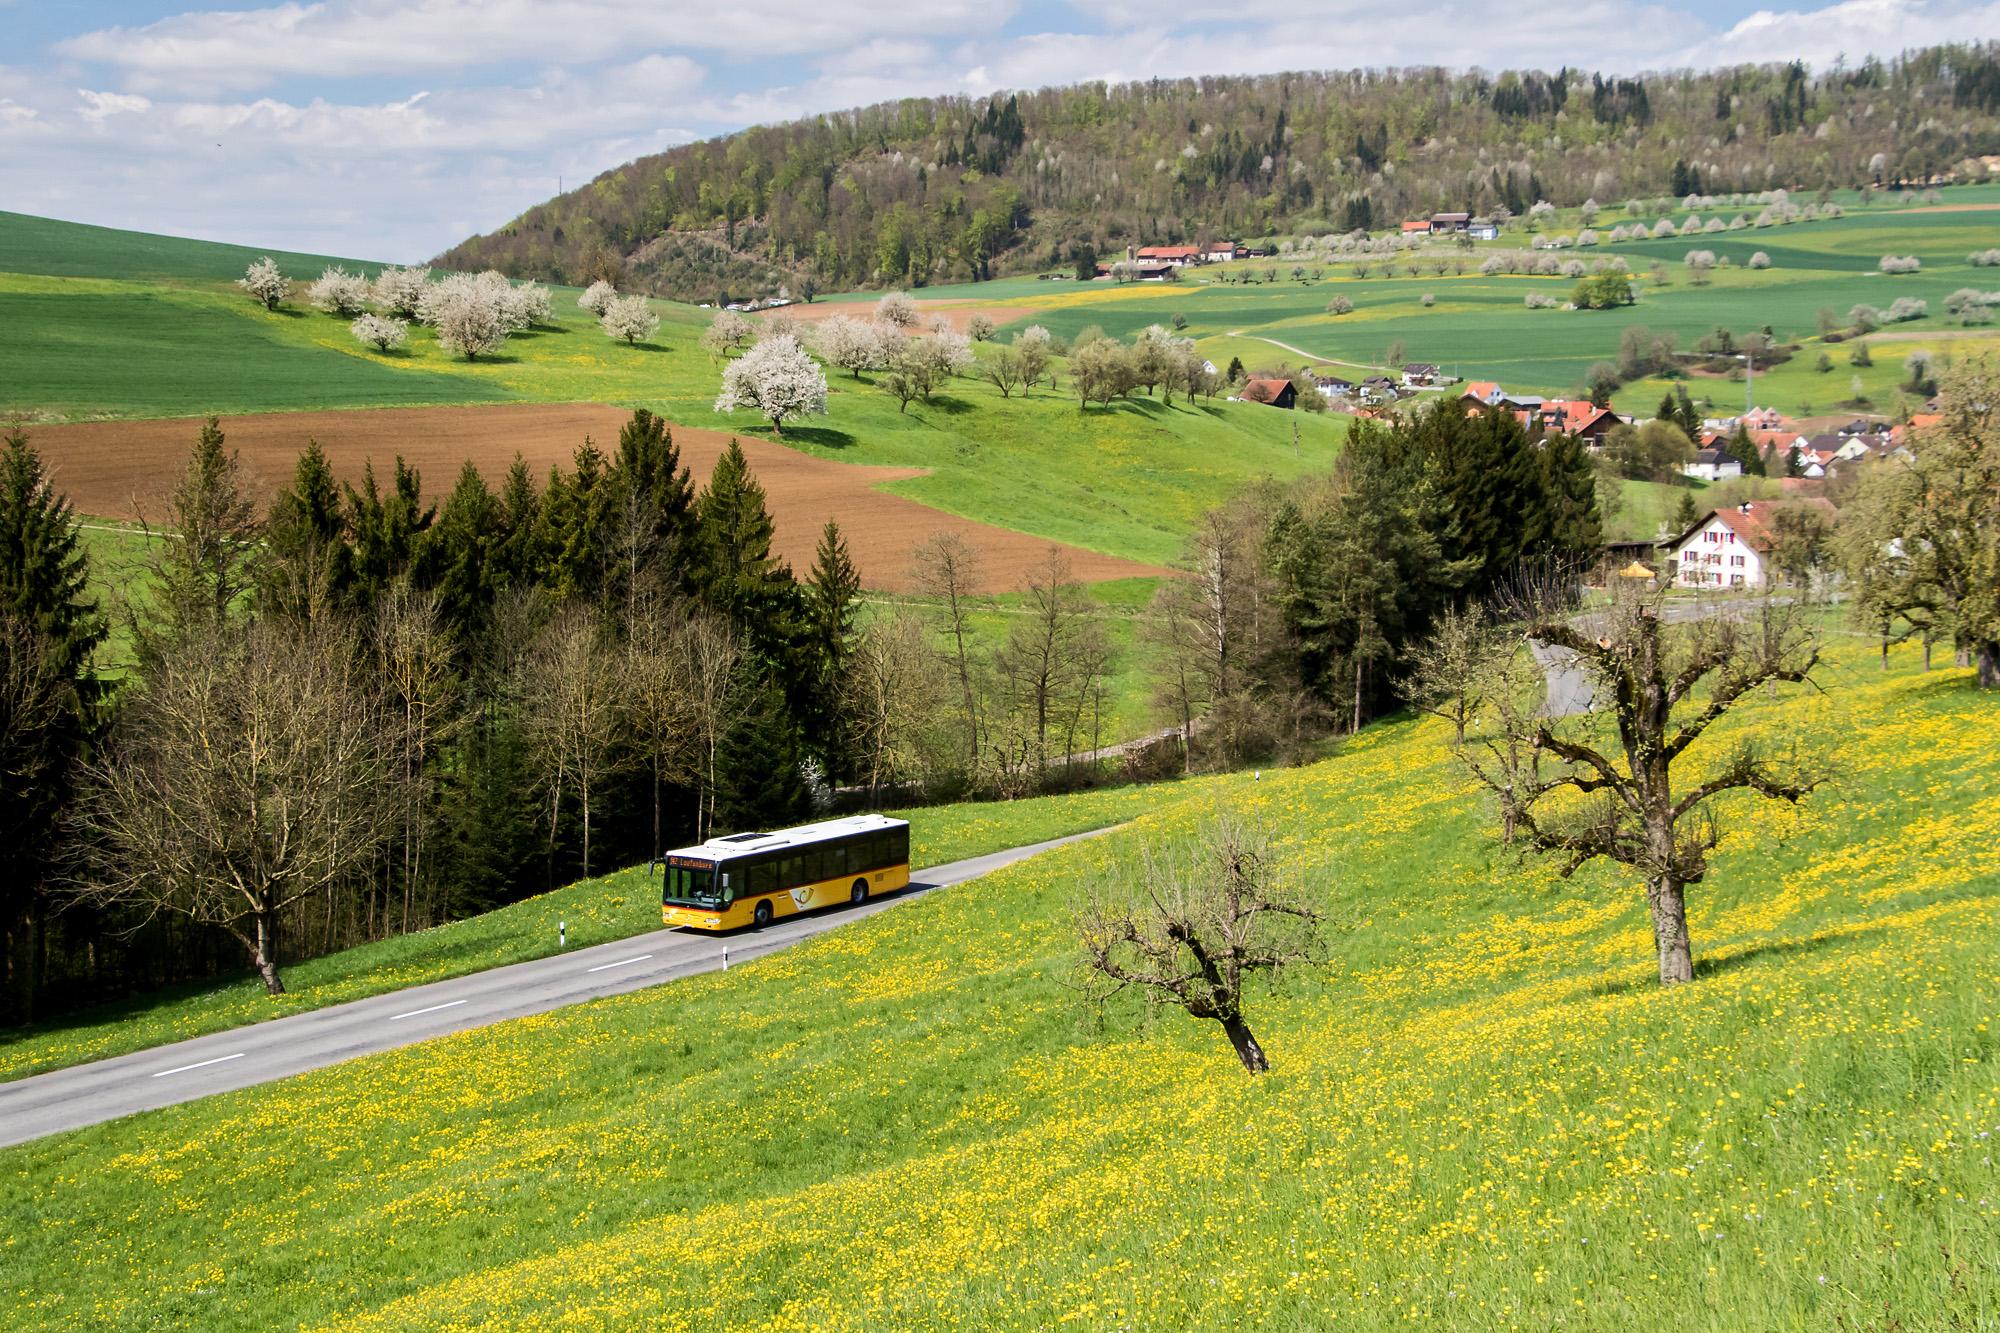 Die Schönheit des Mettauertals, hier mit einem Postauto des selben Kurses während der Stichfahrt nach Hottwil, Heimat dieses Postautohalters